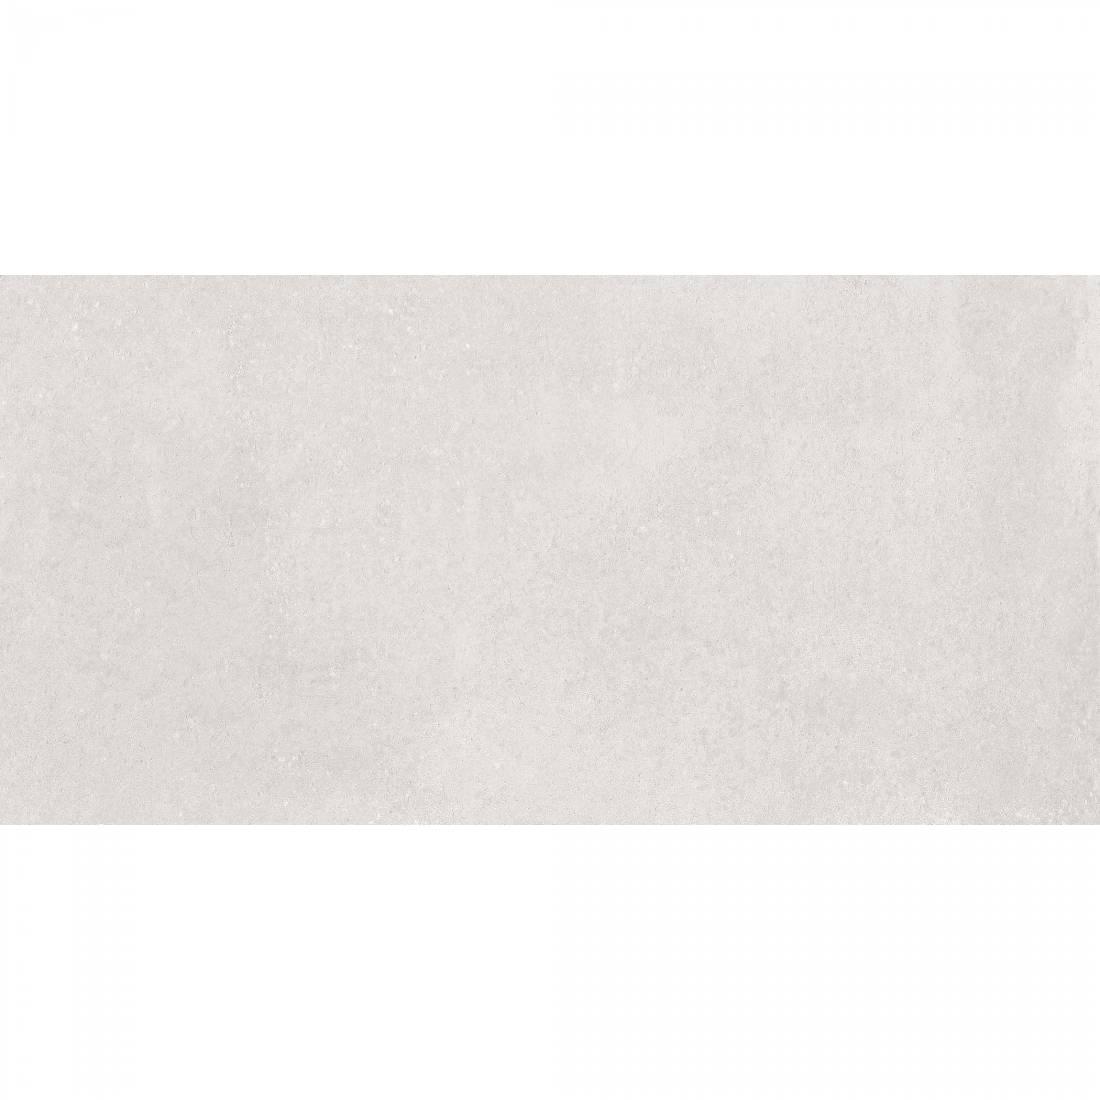 Autumn 30x60 Light Grey Gloss 1